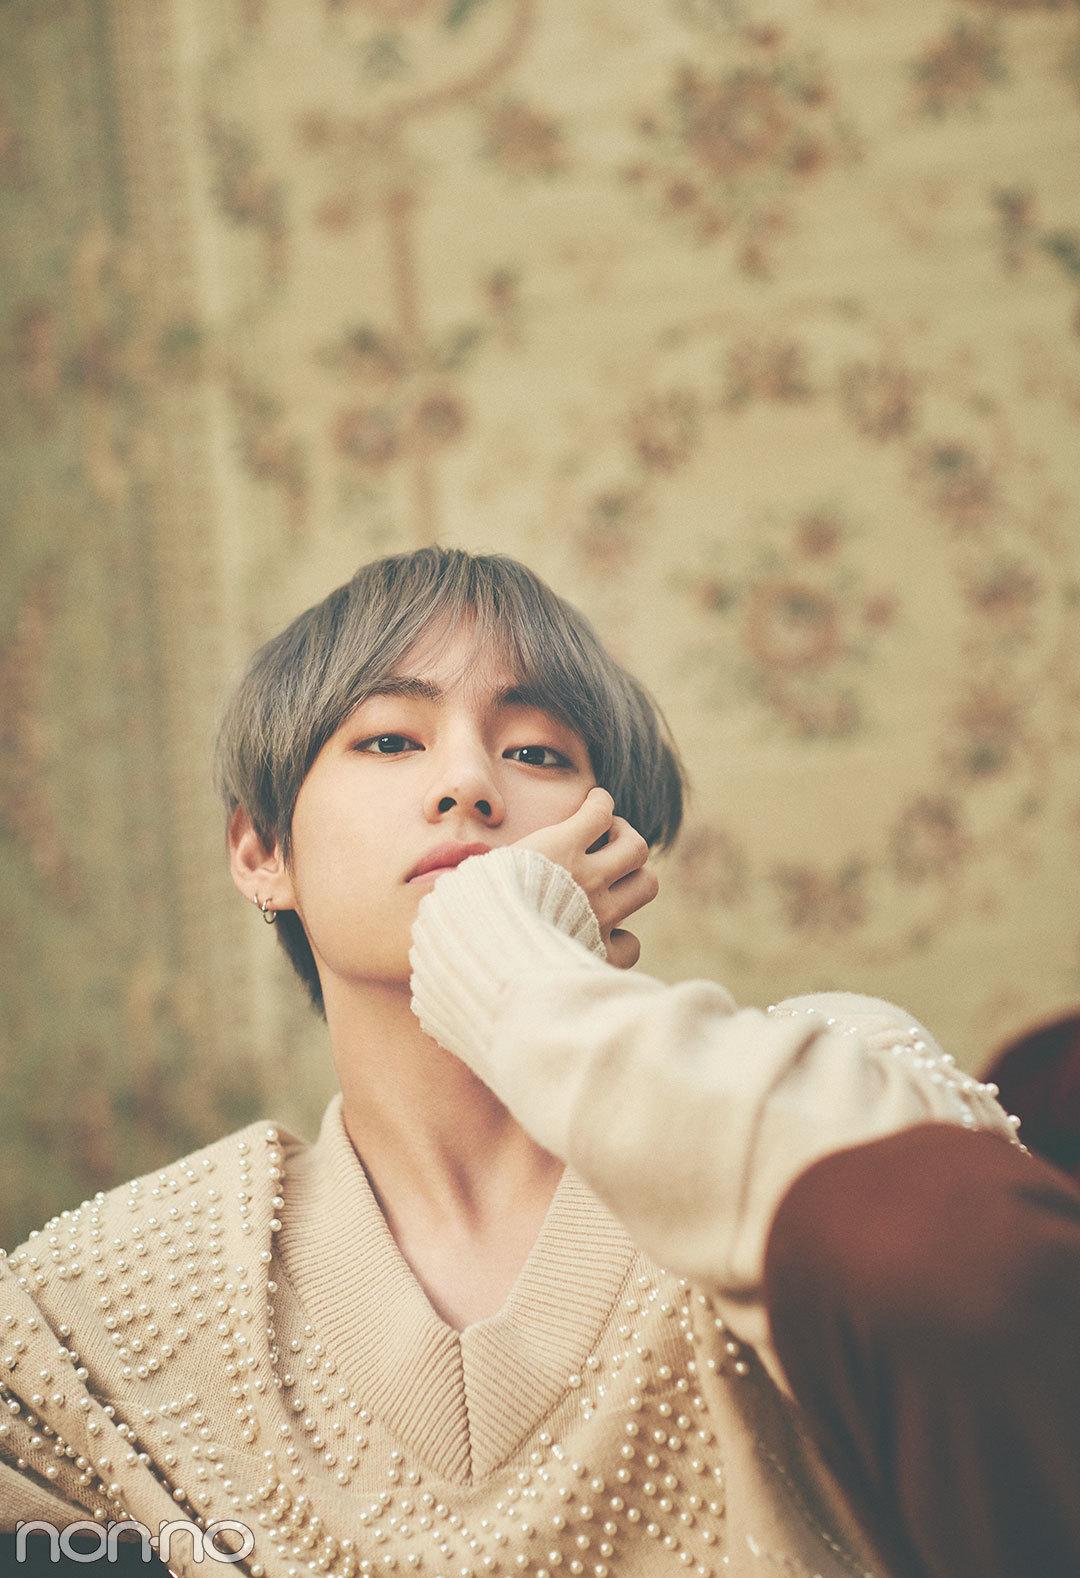 大反響♡ノンノ1月号BTS特集のアザーカットを公開!_1_1-4